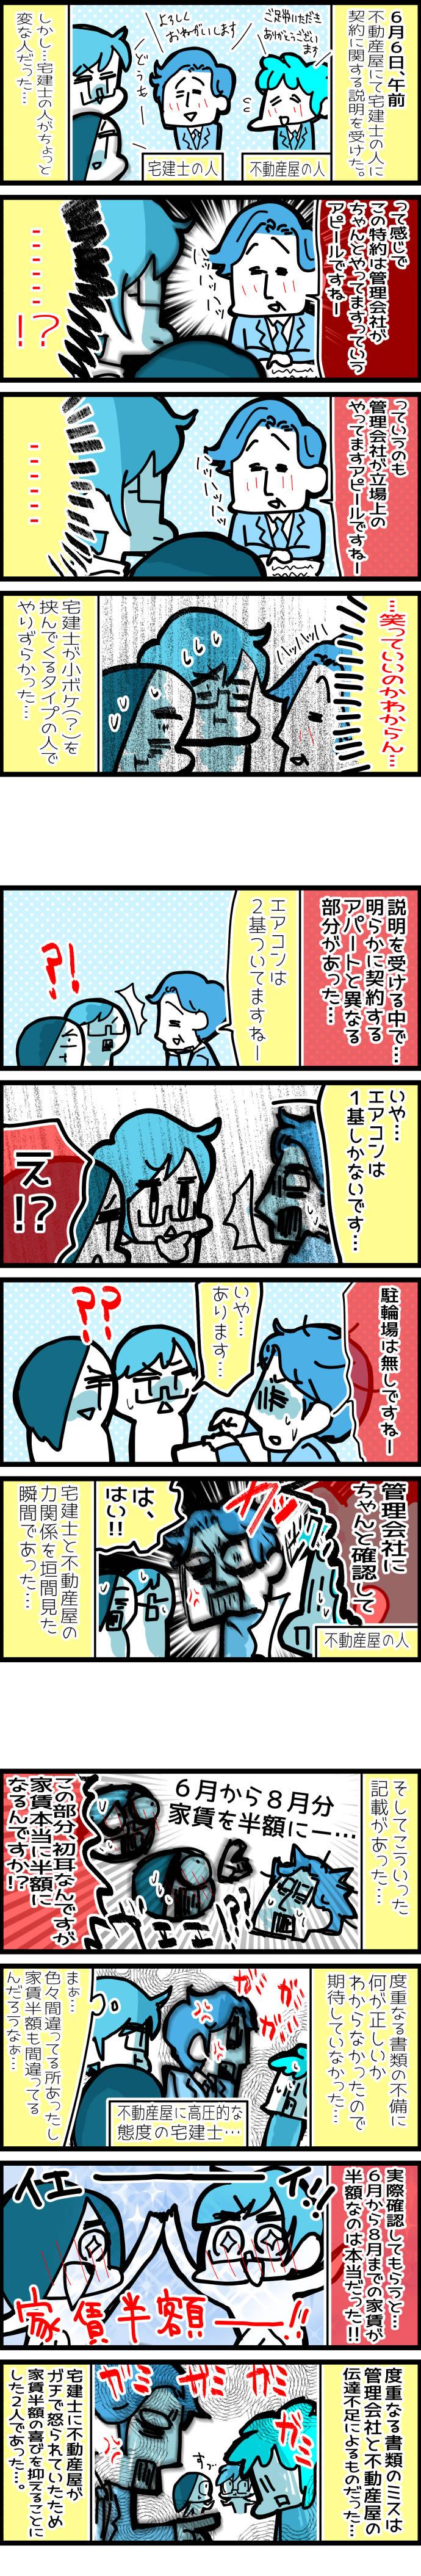 neetsadami.com_9話